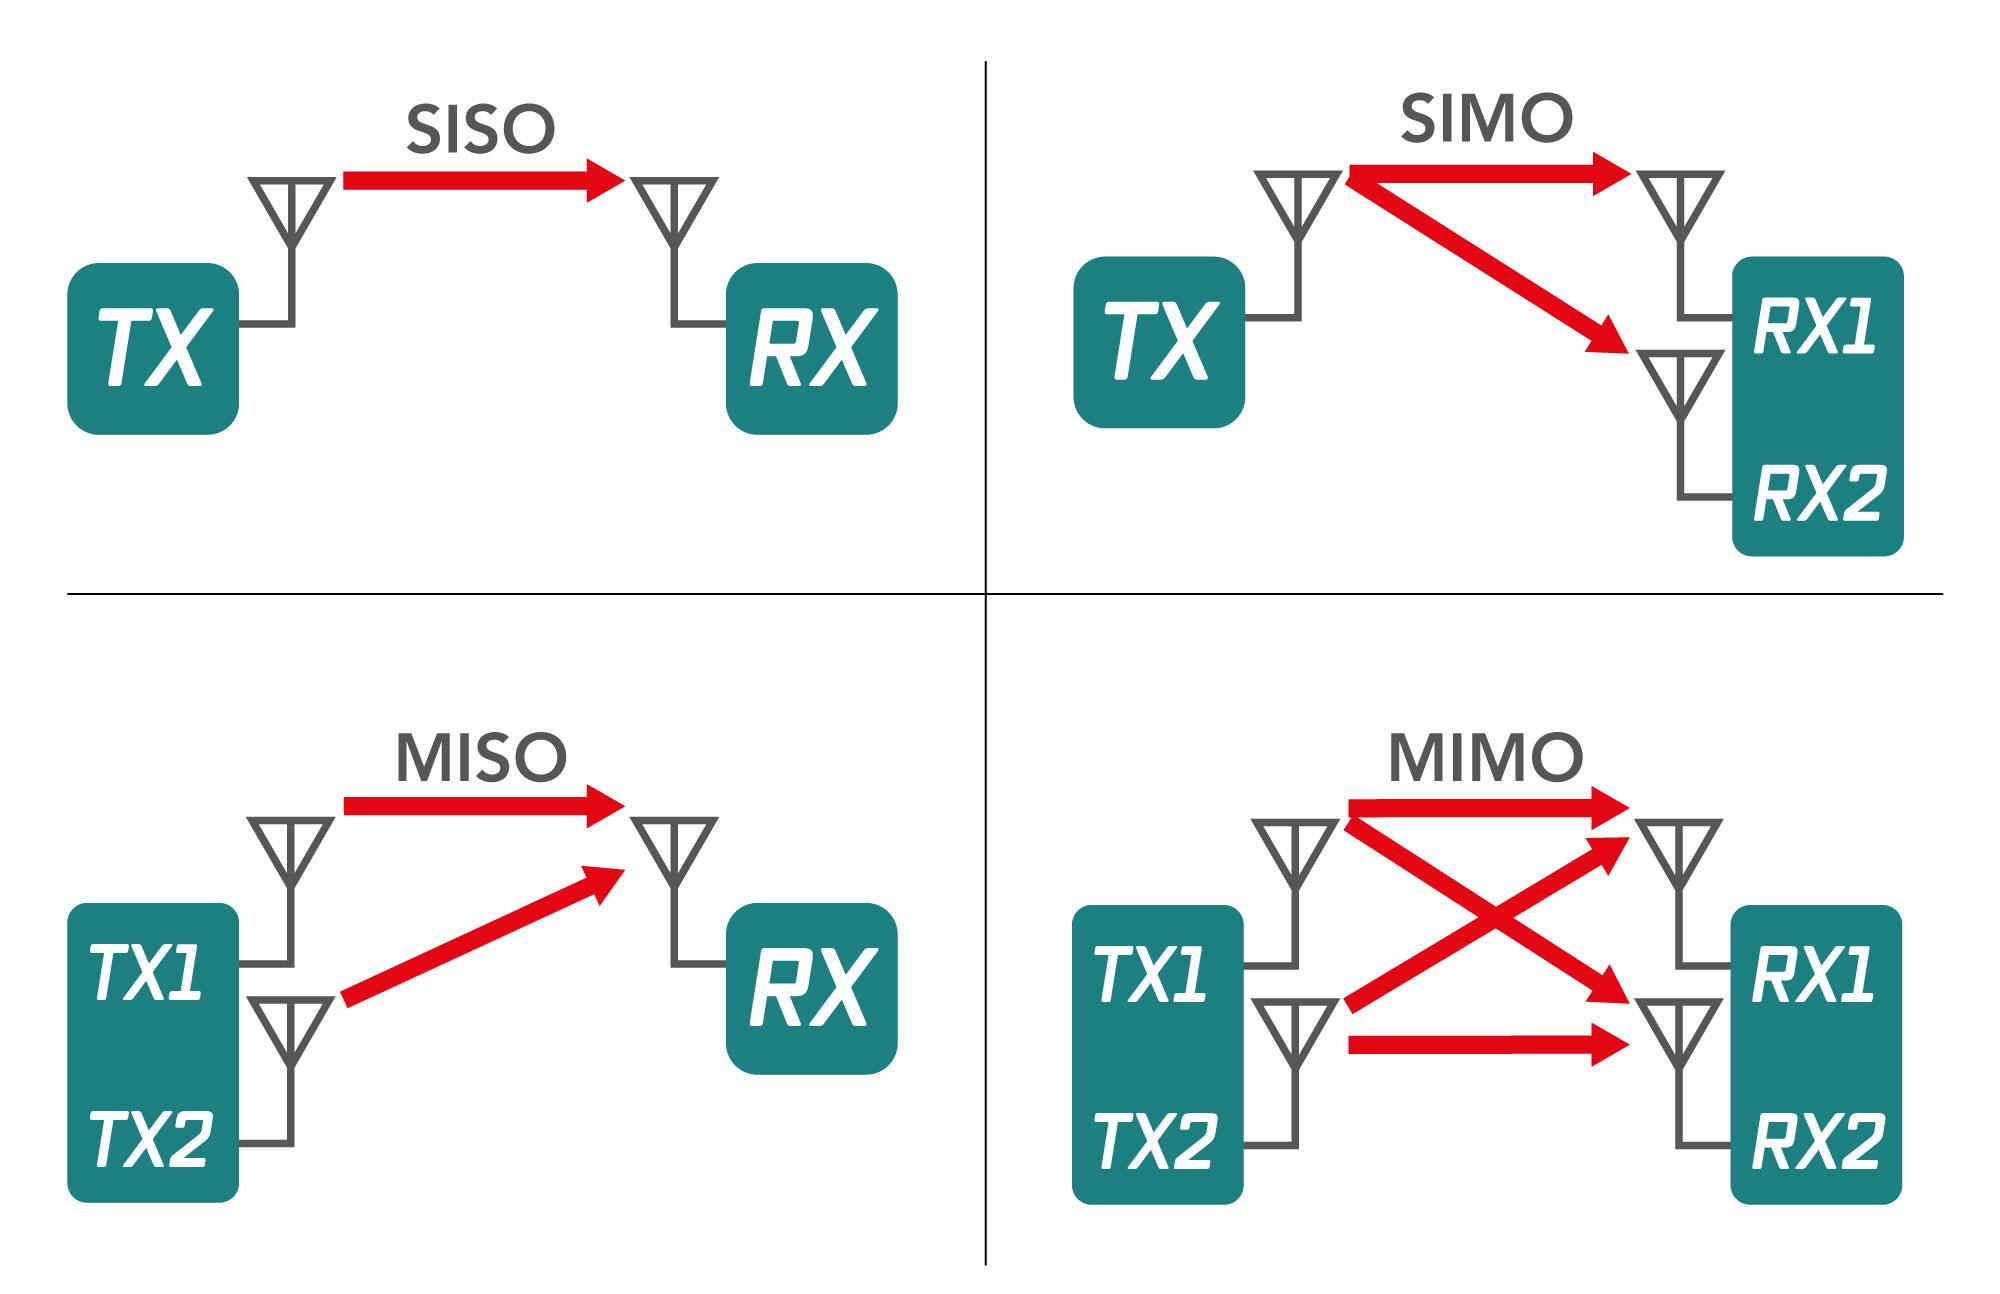 MIMO_vs_SISO_ka_gi.jpg